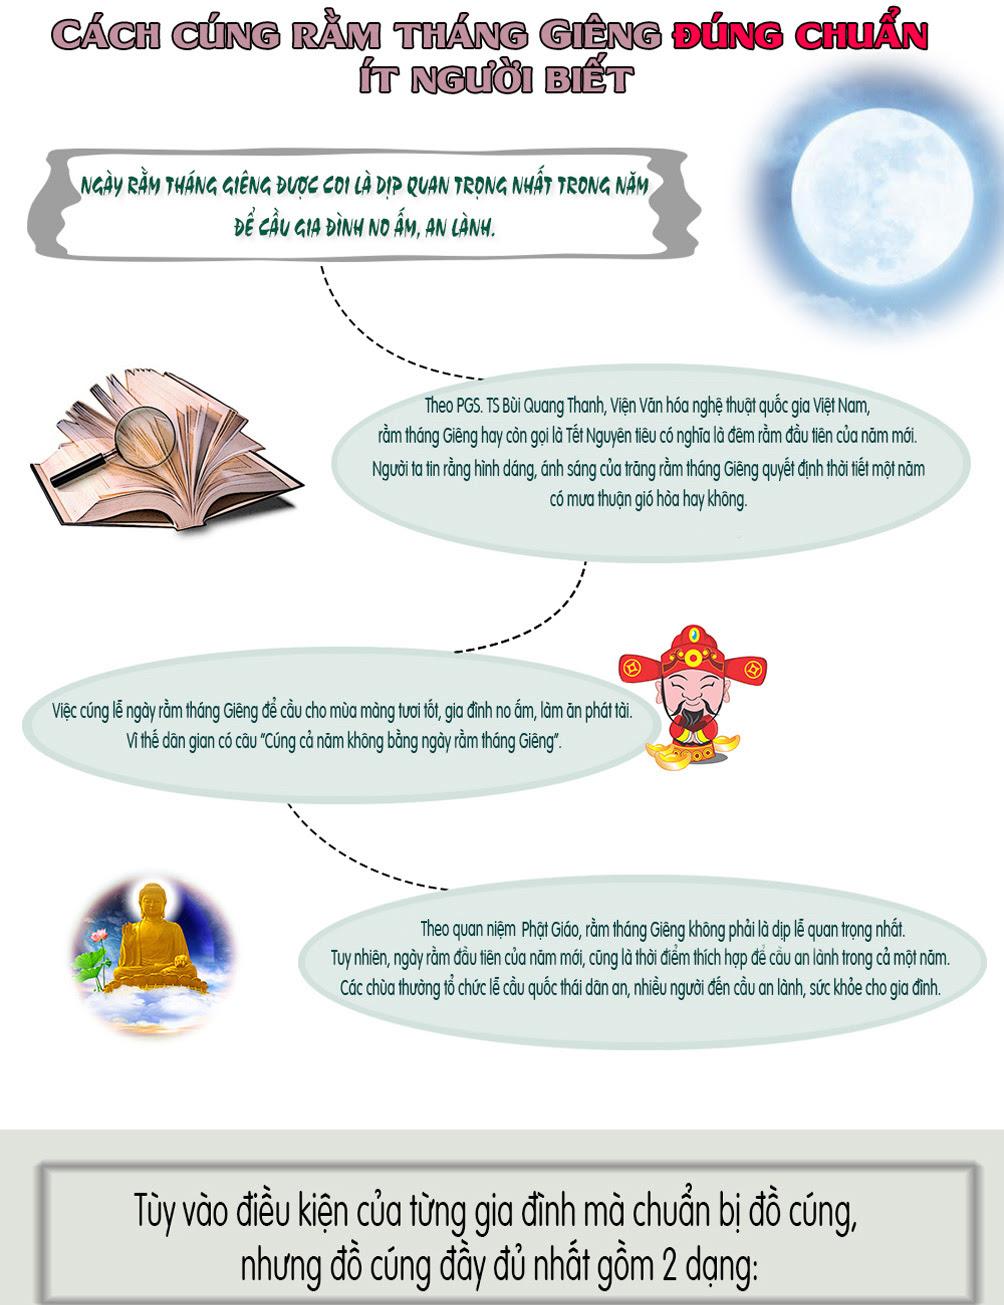 Infographic: Cách cúng rằm tháng Giêng đúng chuẩn ít người biết - 1